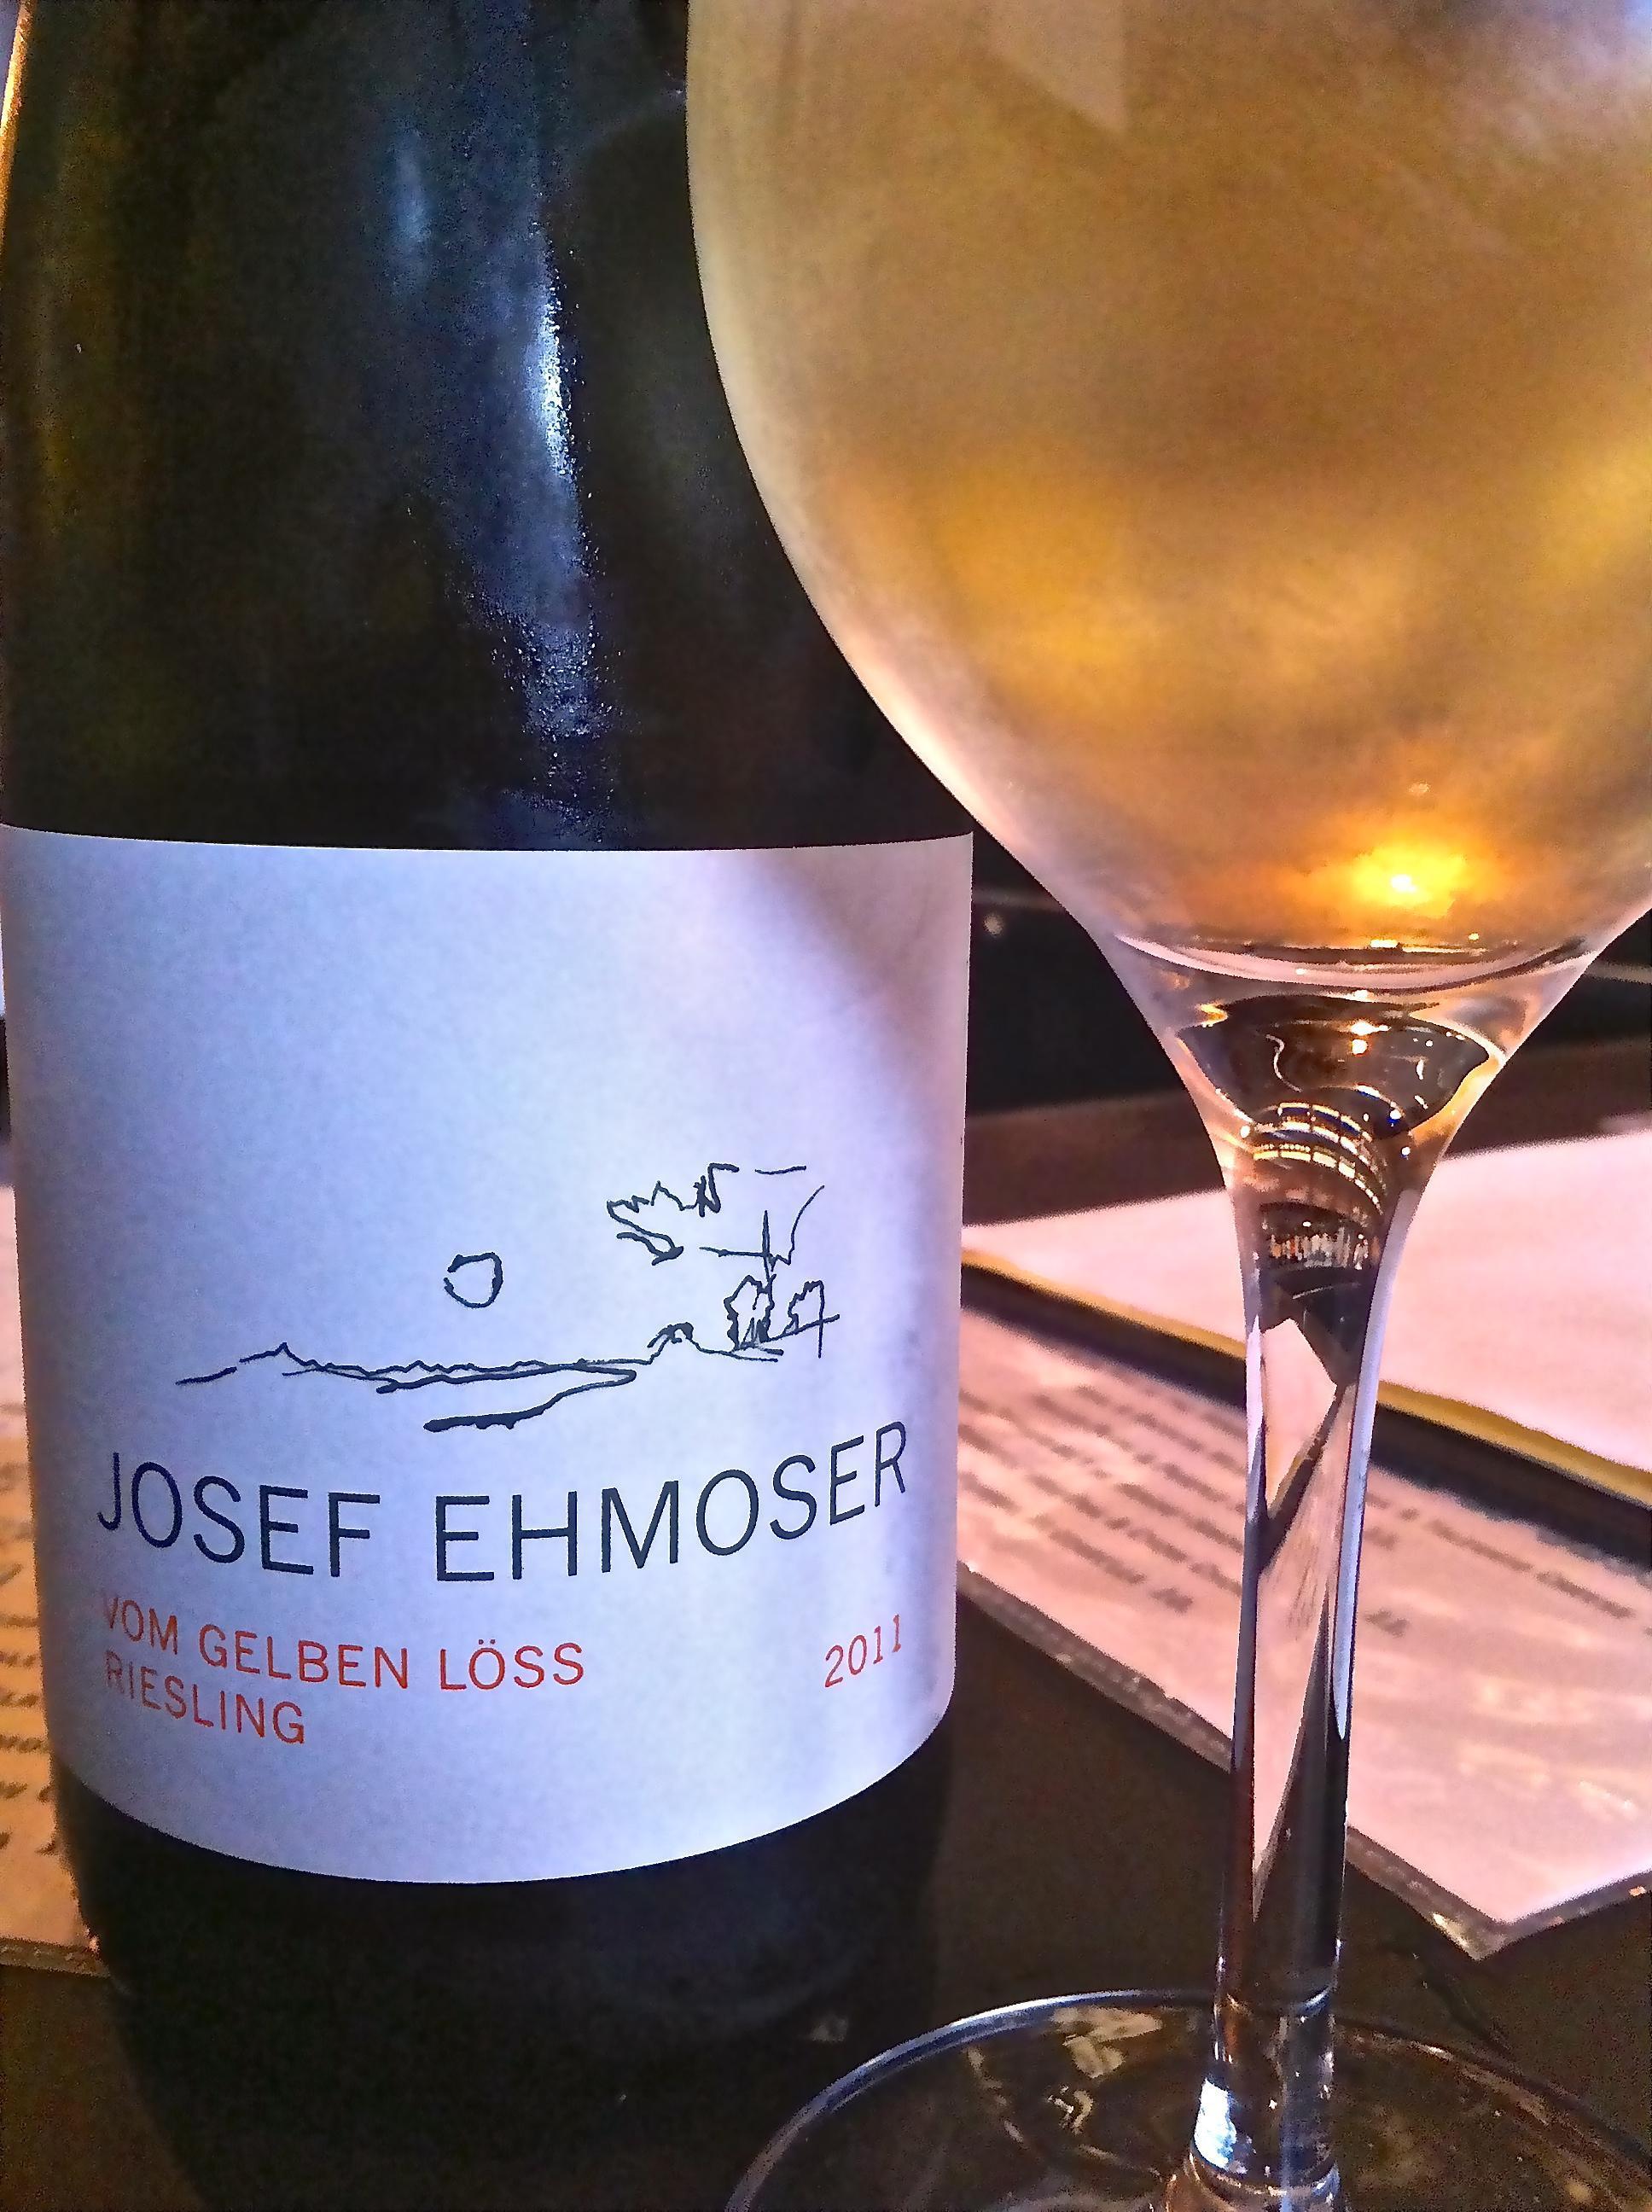 Josef Ehmoser, Vom Gelben Löss, Riesling 1